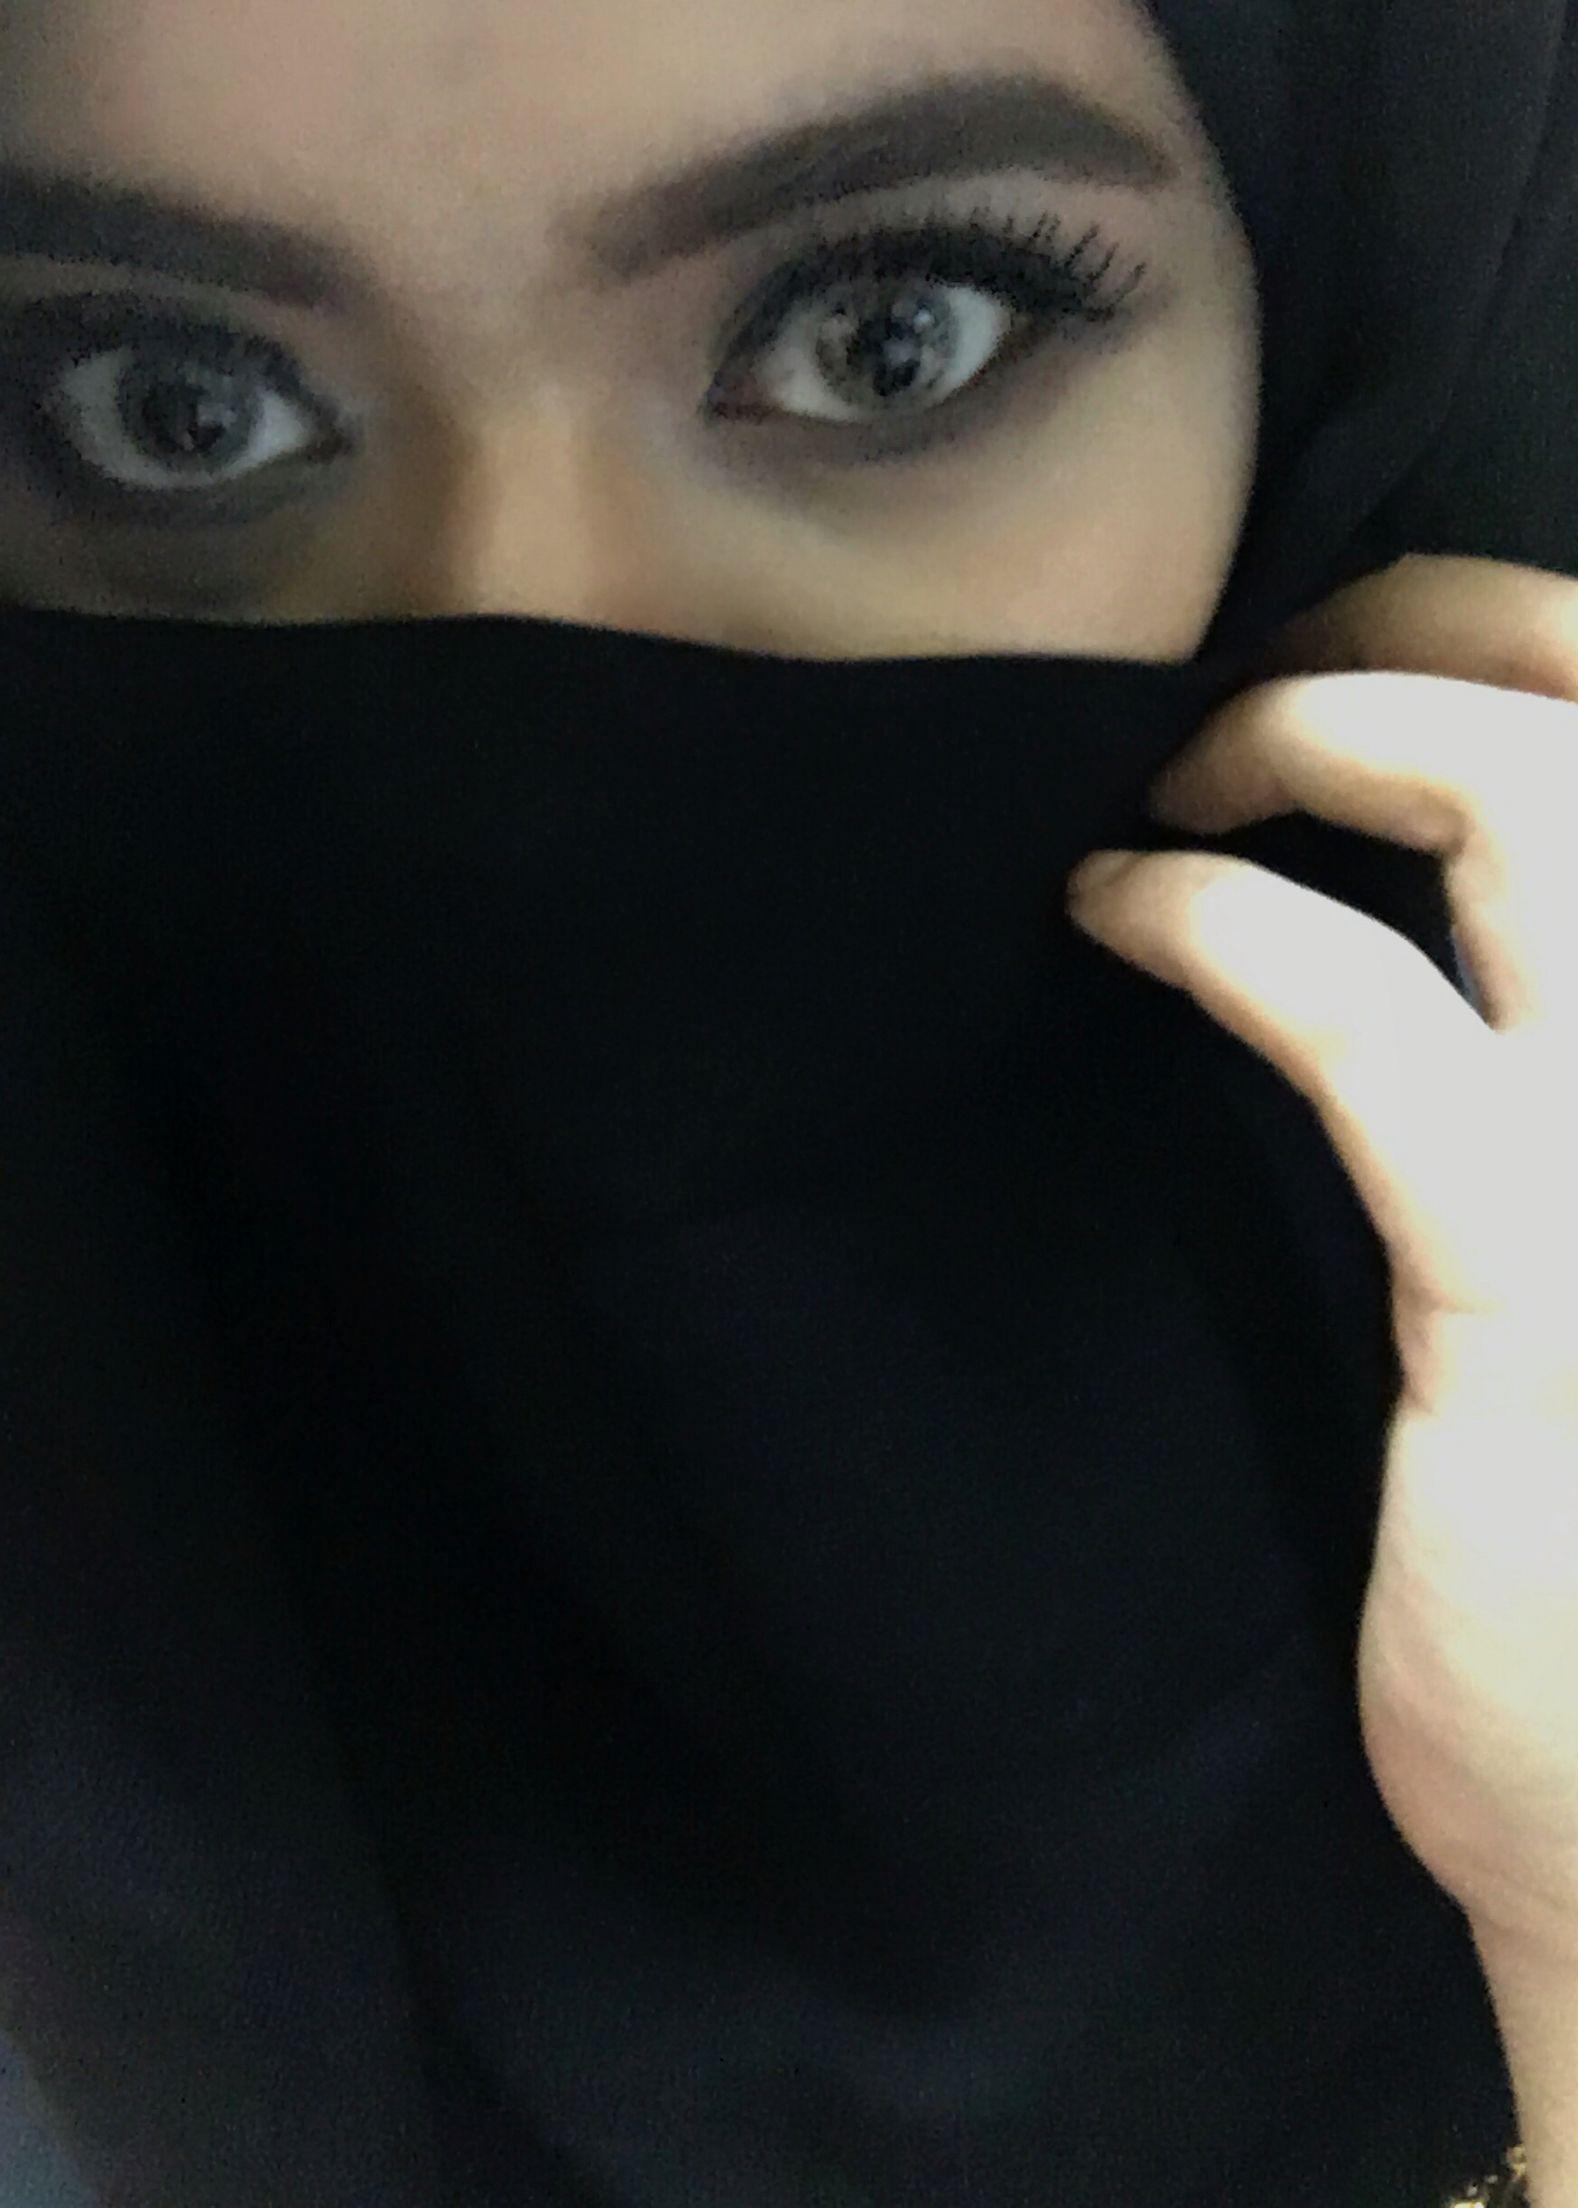 والحمد لله على كل شيء التي قمت بتوفيرها Eyes Beautiful Beautiful Eyes Muslim Women Eye Makeup